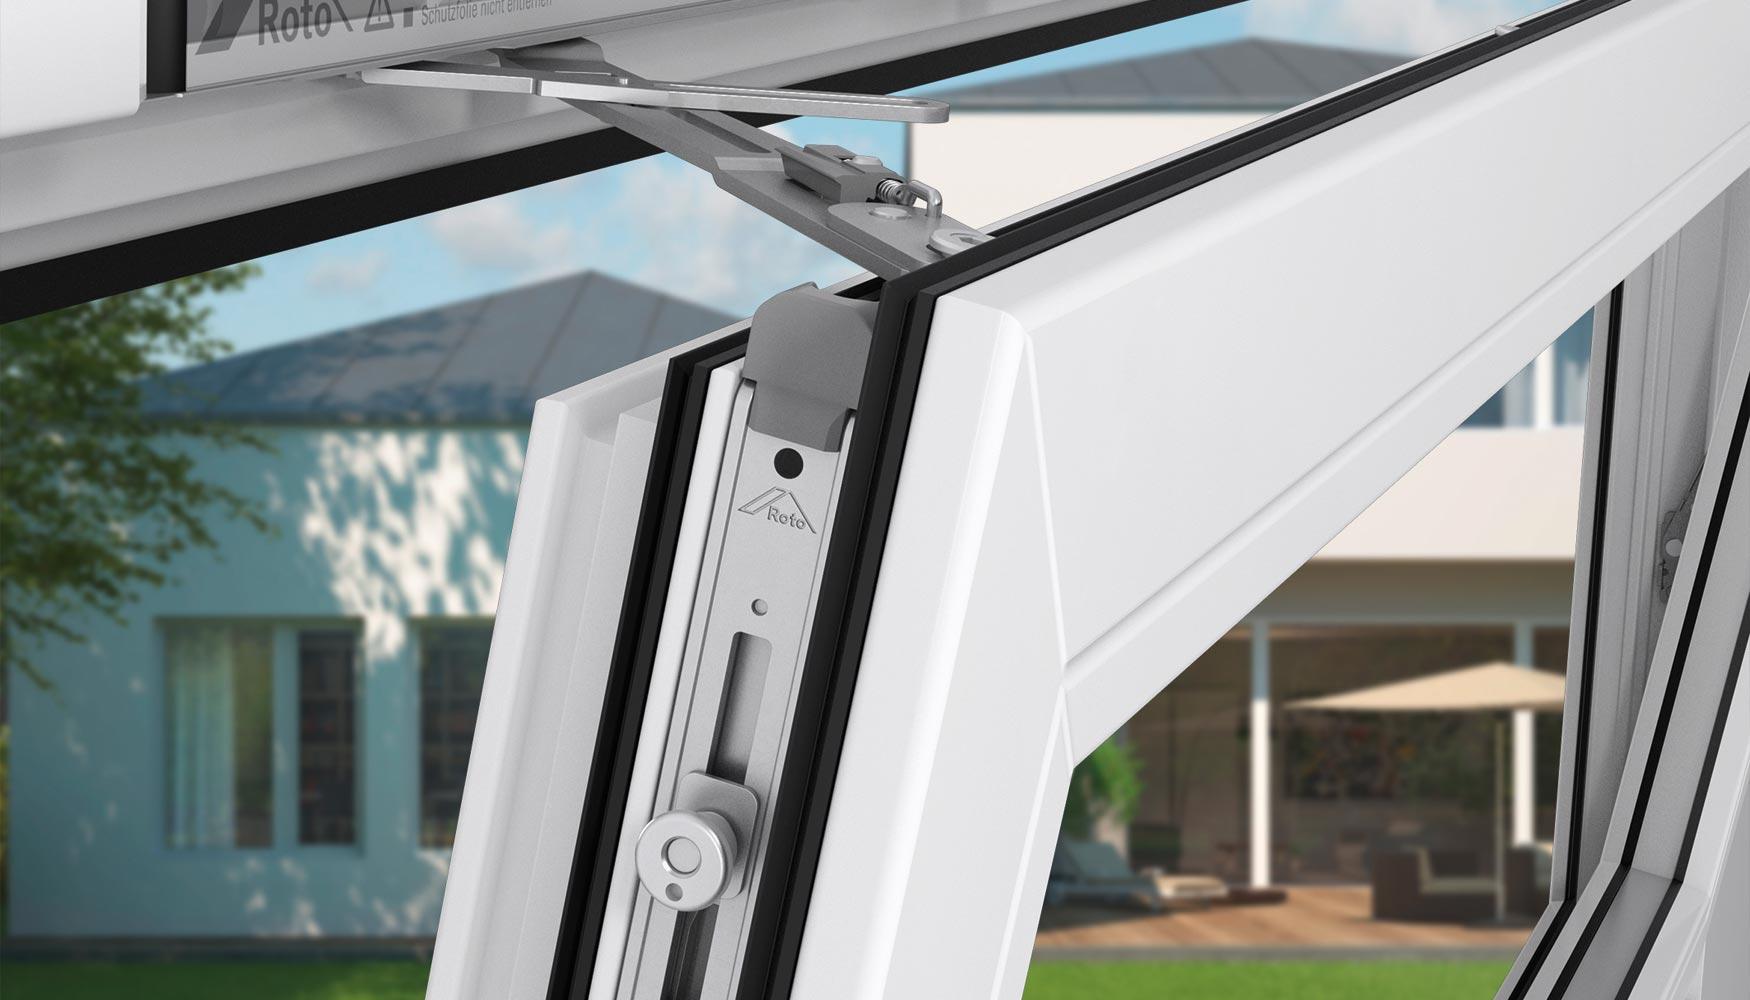 La instalaci n exterior ventana de ajuste - Roto E Tec Drive